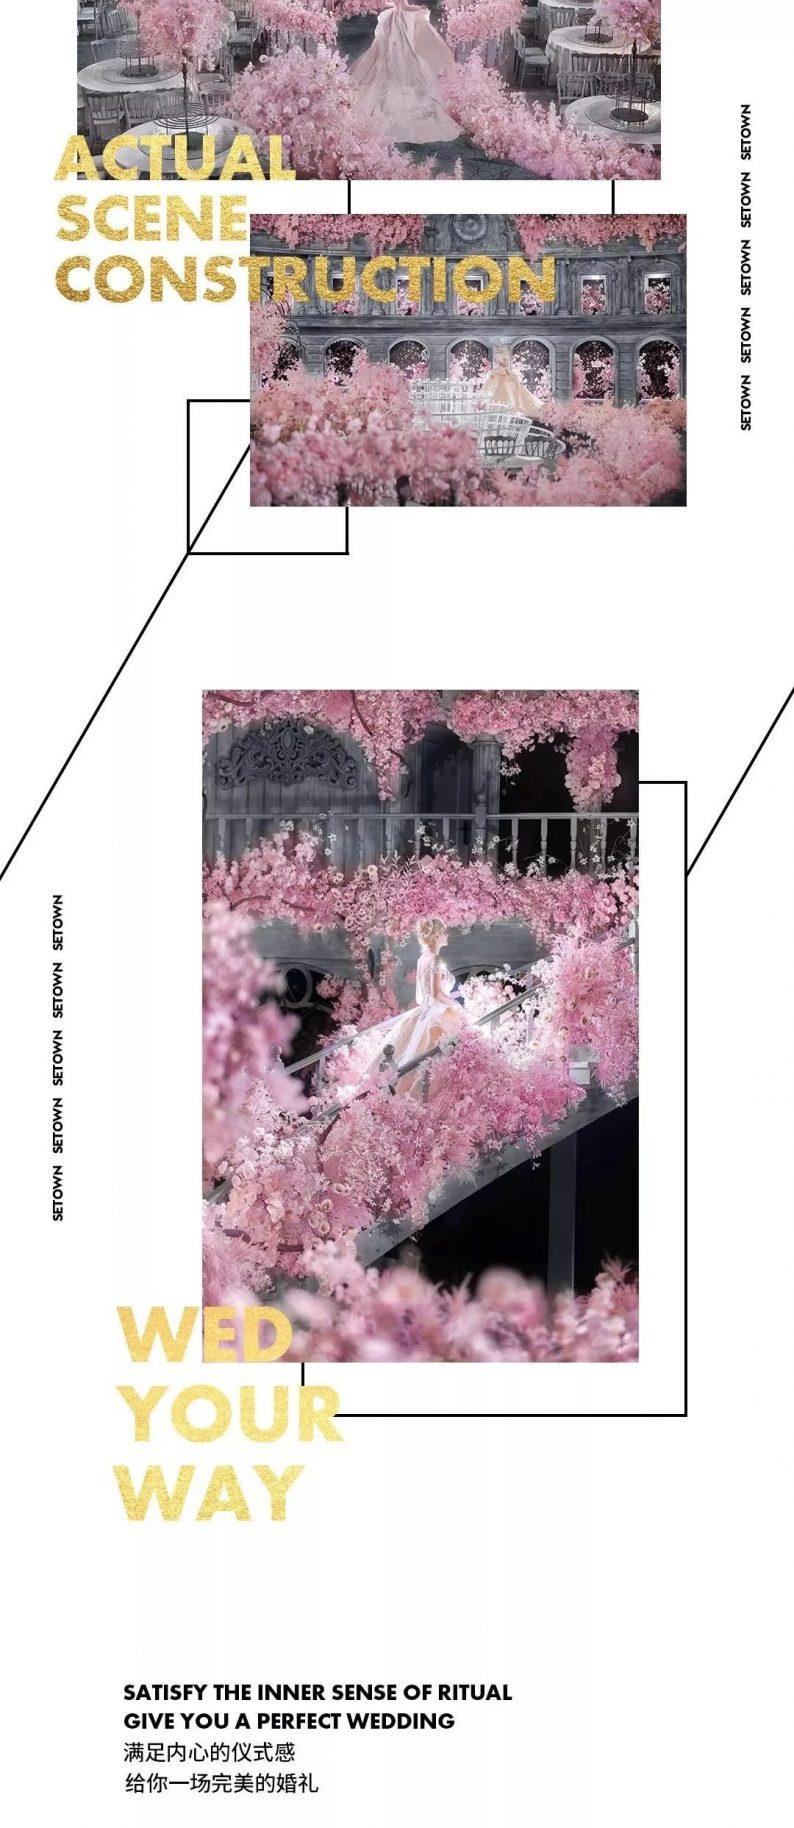 婚礼堂发布:8大宴会厅、徐丹打造!国内一流潮牌婚礼堂  第12张